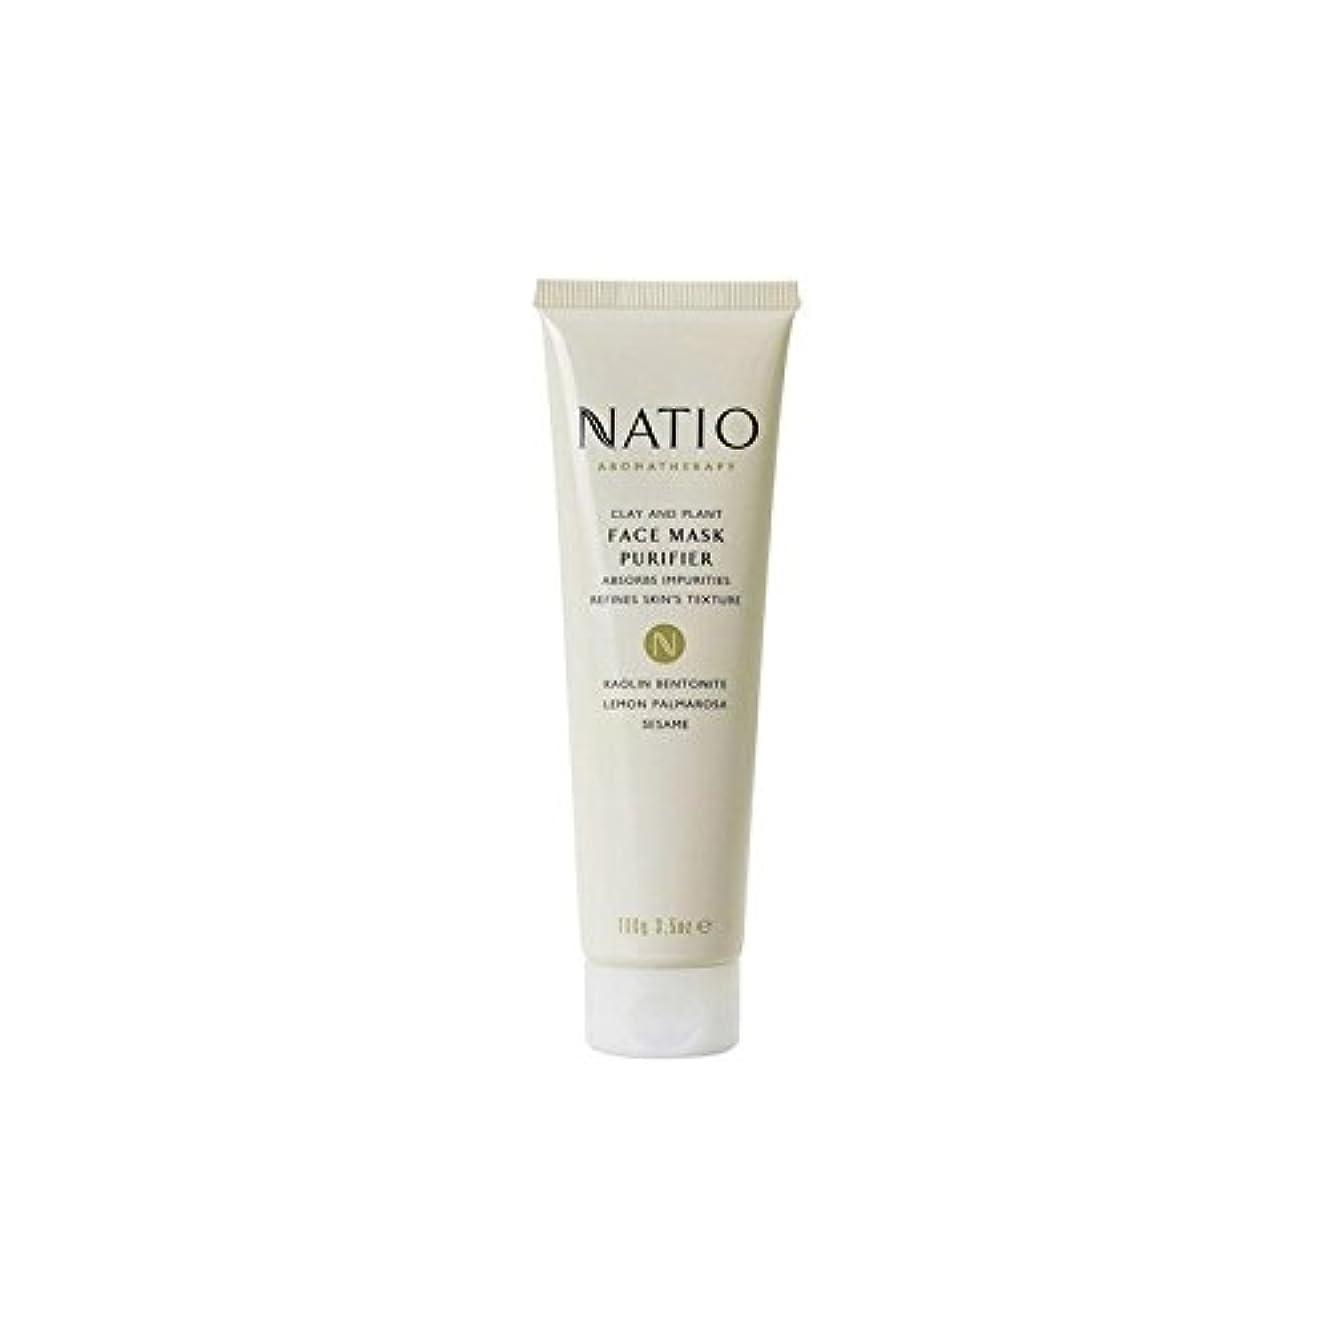 予測ビジュアルミット粘土&植物フェイスマスクの浄化(100グラム) x4 - Natio Clay & Plant Face Mask Purifier (100G) (Pack of 4) [並行輸入品]